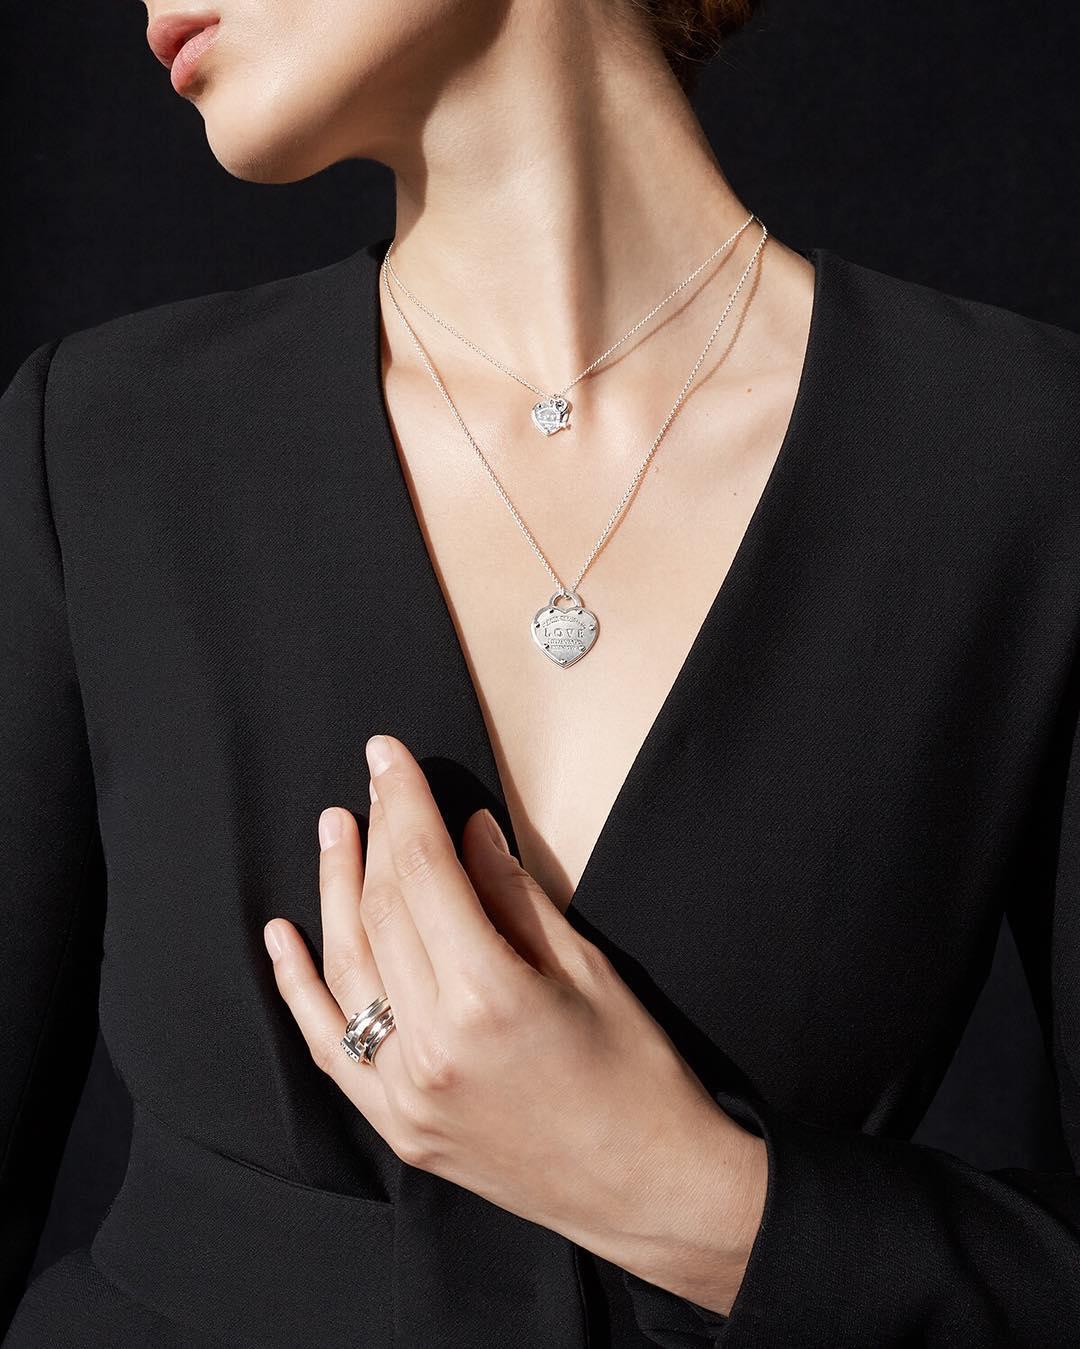 お守り代わりにいつも身につけていたい、大人可愛いネックレスたちのサムネイル画像